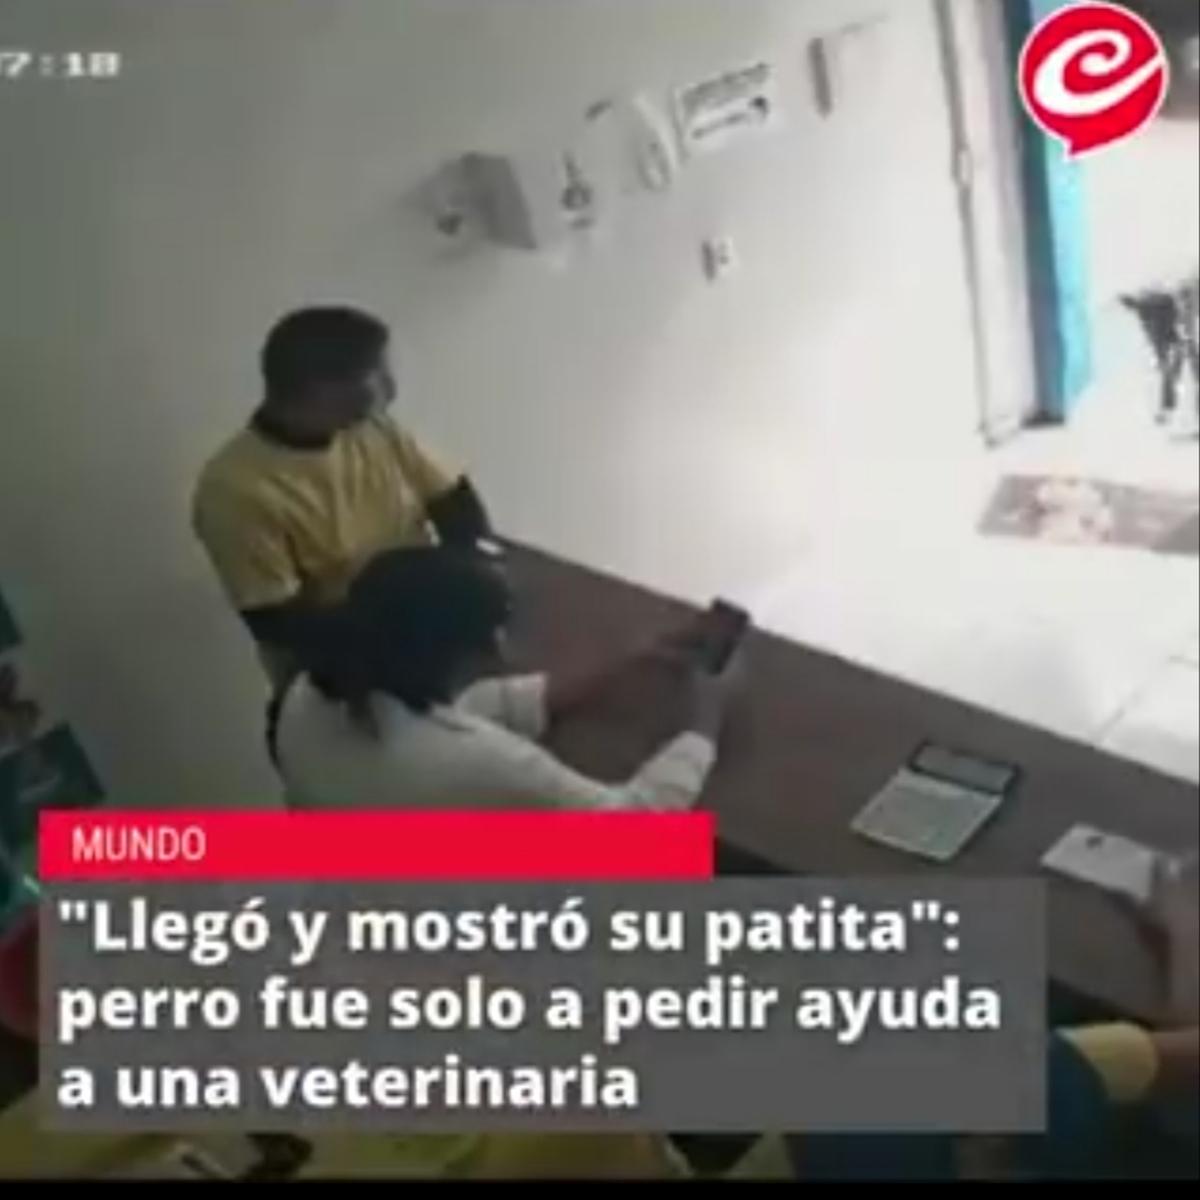 وقتی سگ زخمی برای درمان خودش را به کلینیک می رساند + ویدئو